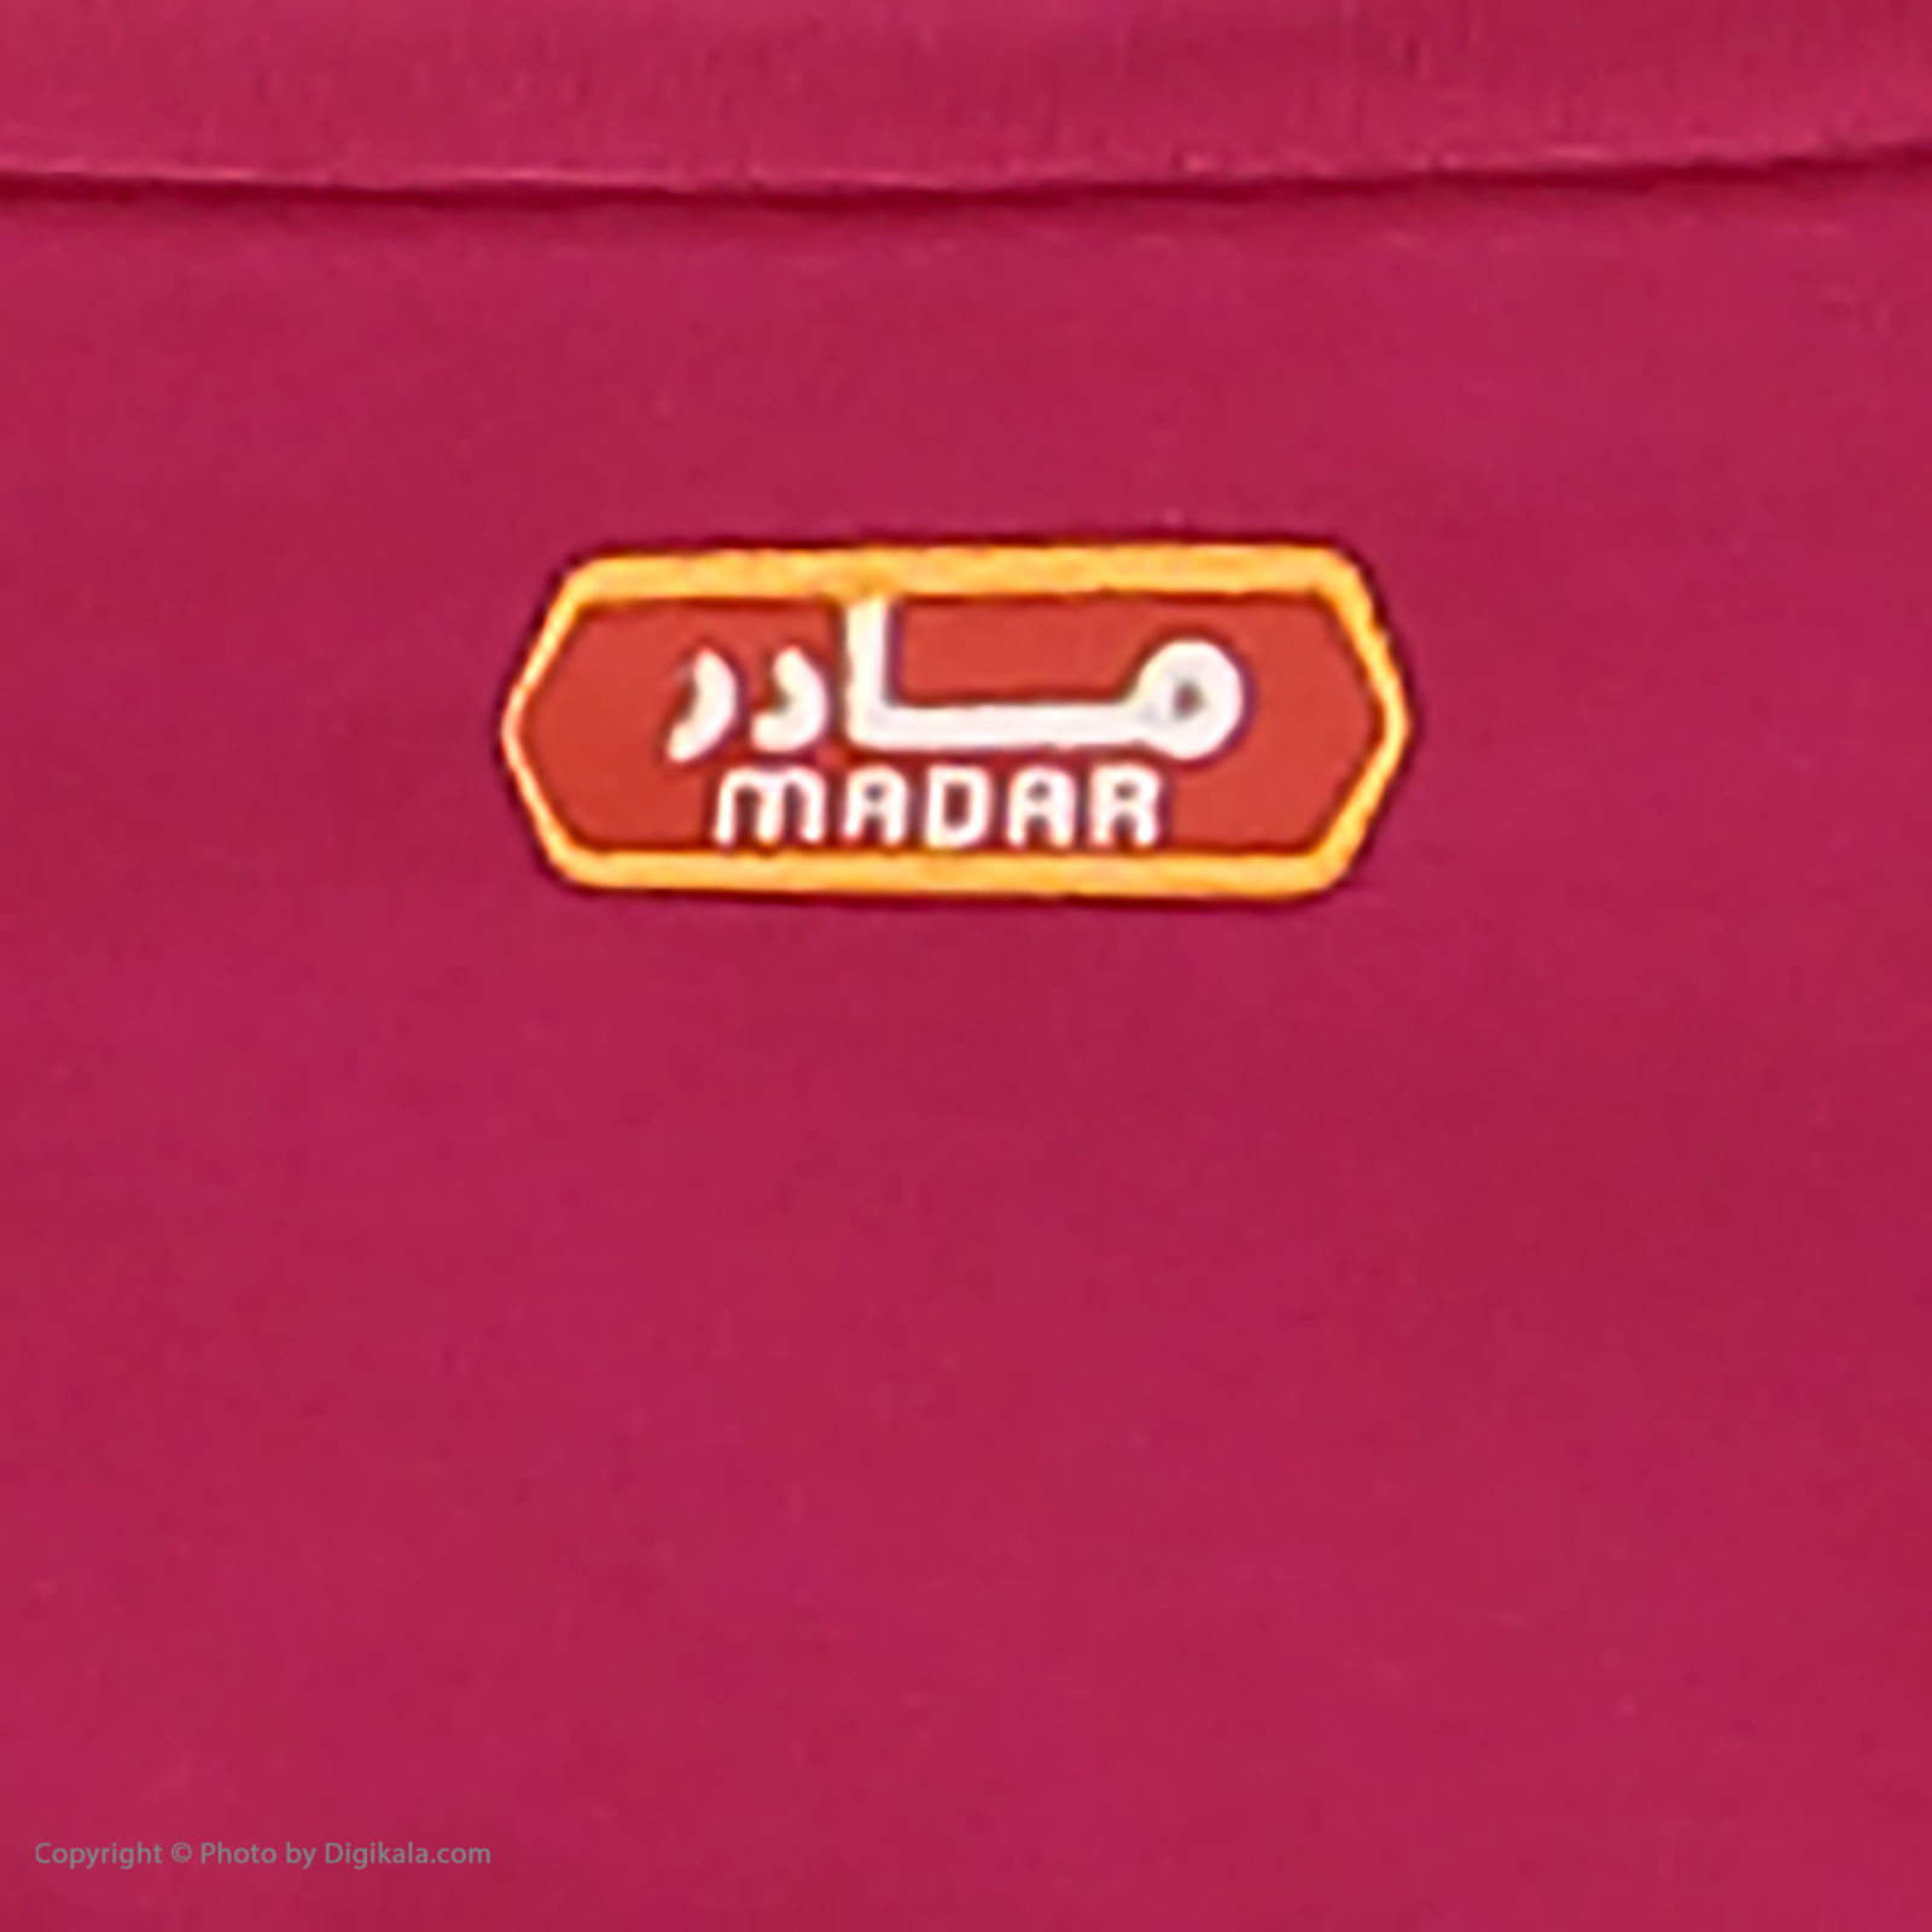 ست تی شرت و شلوار دخترانه مادر مدل 301-66 main 1 5